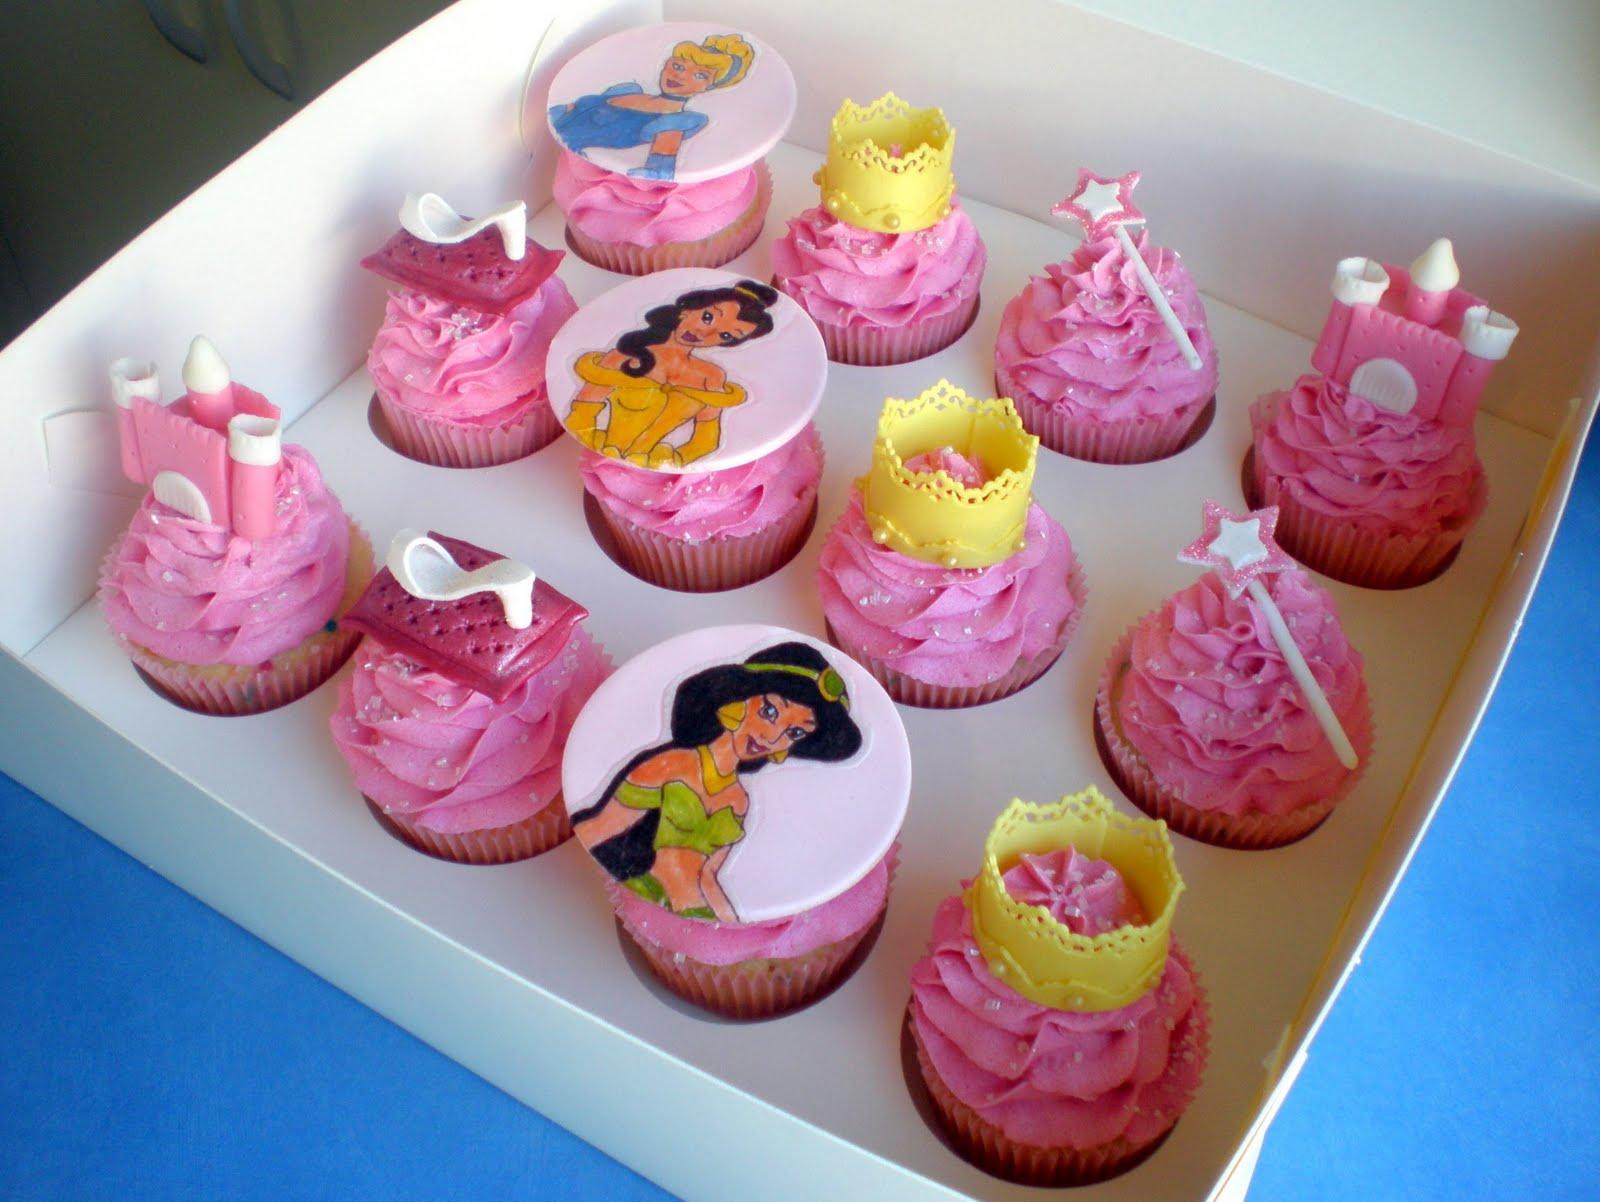 Cupcakes+-+Princess+04.jpg